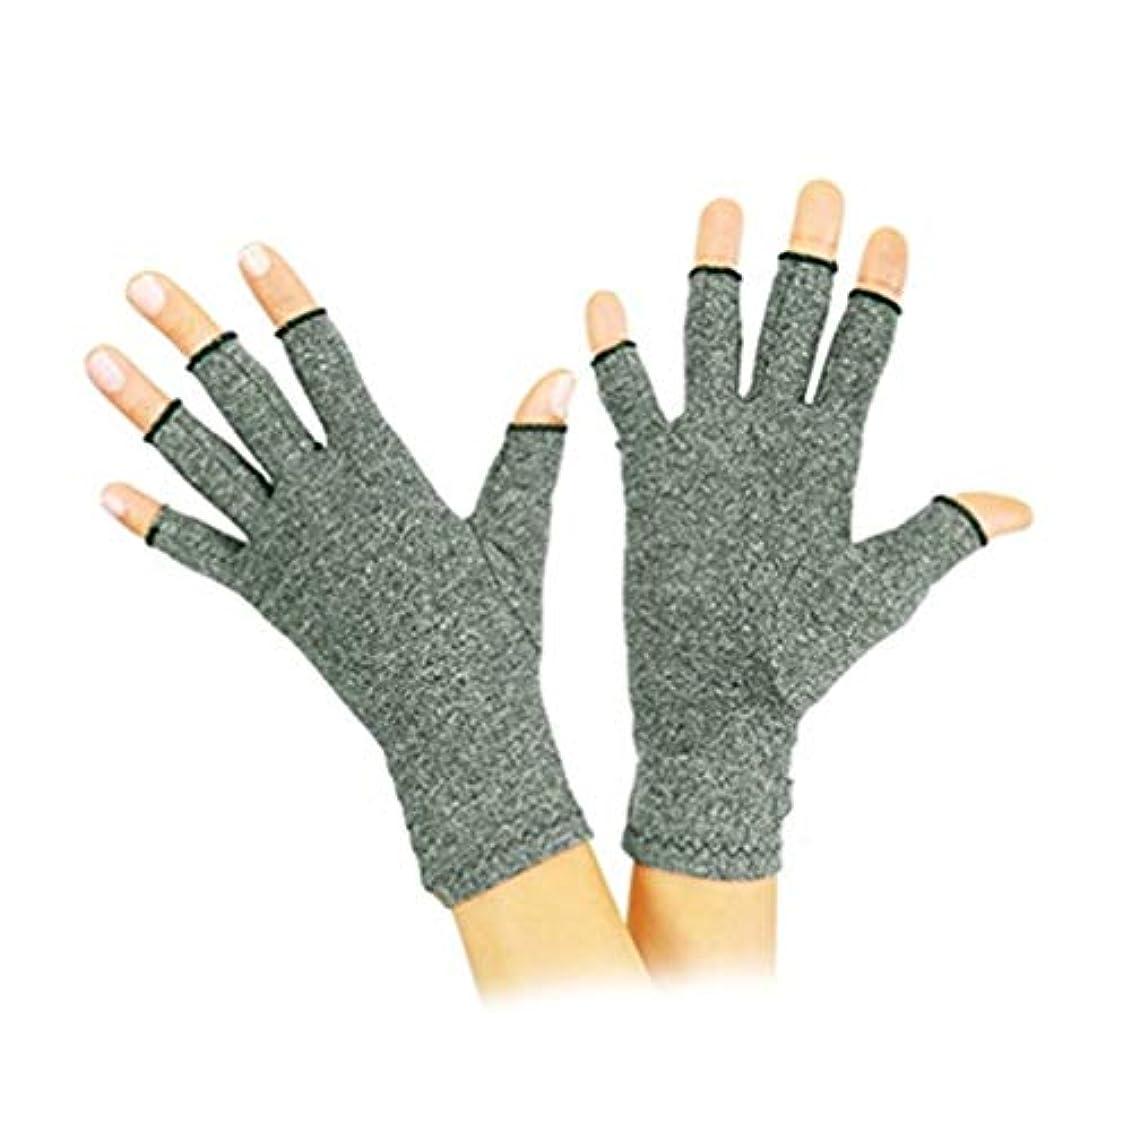 許容変成器先のことを考える関節リウマチリウマチ性変形性関節症用手袋圧縮手袋コンピュータ入力用痛み緩和